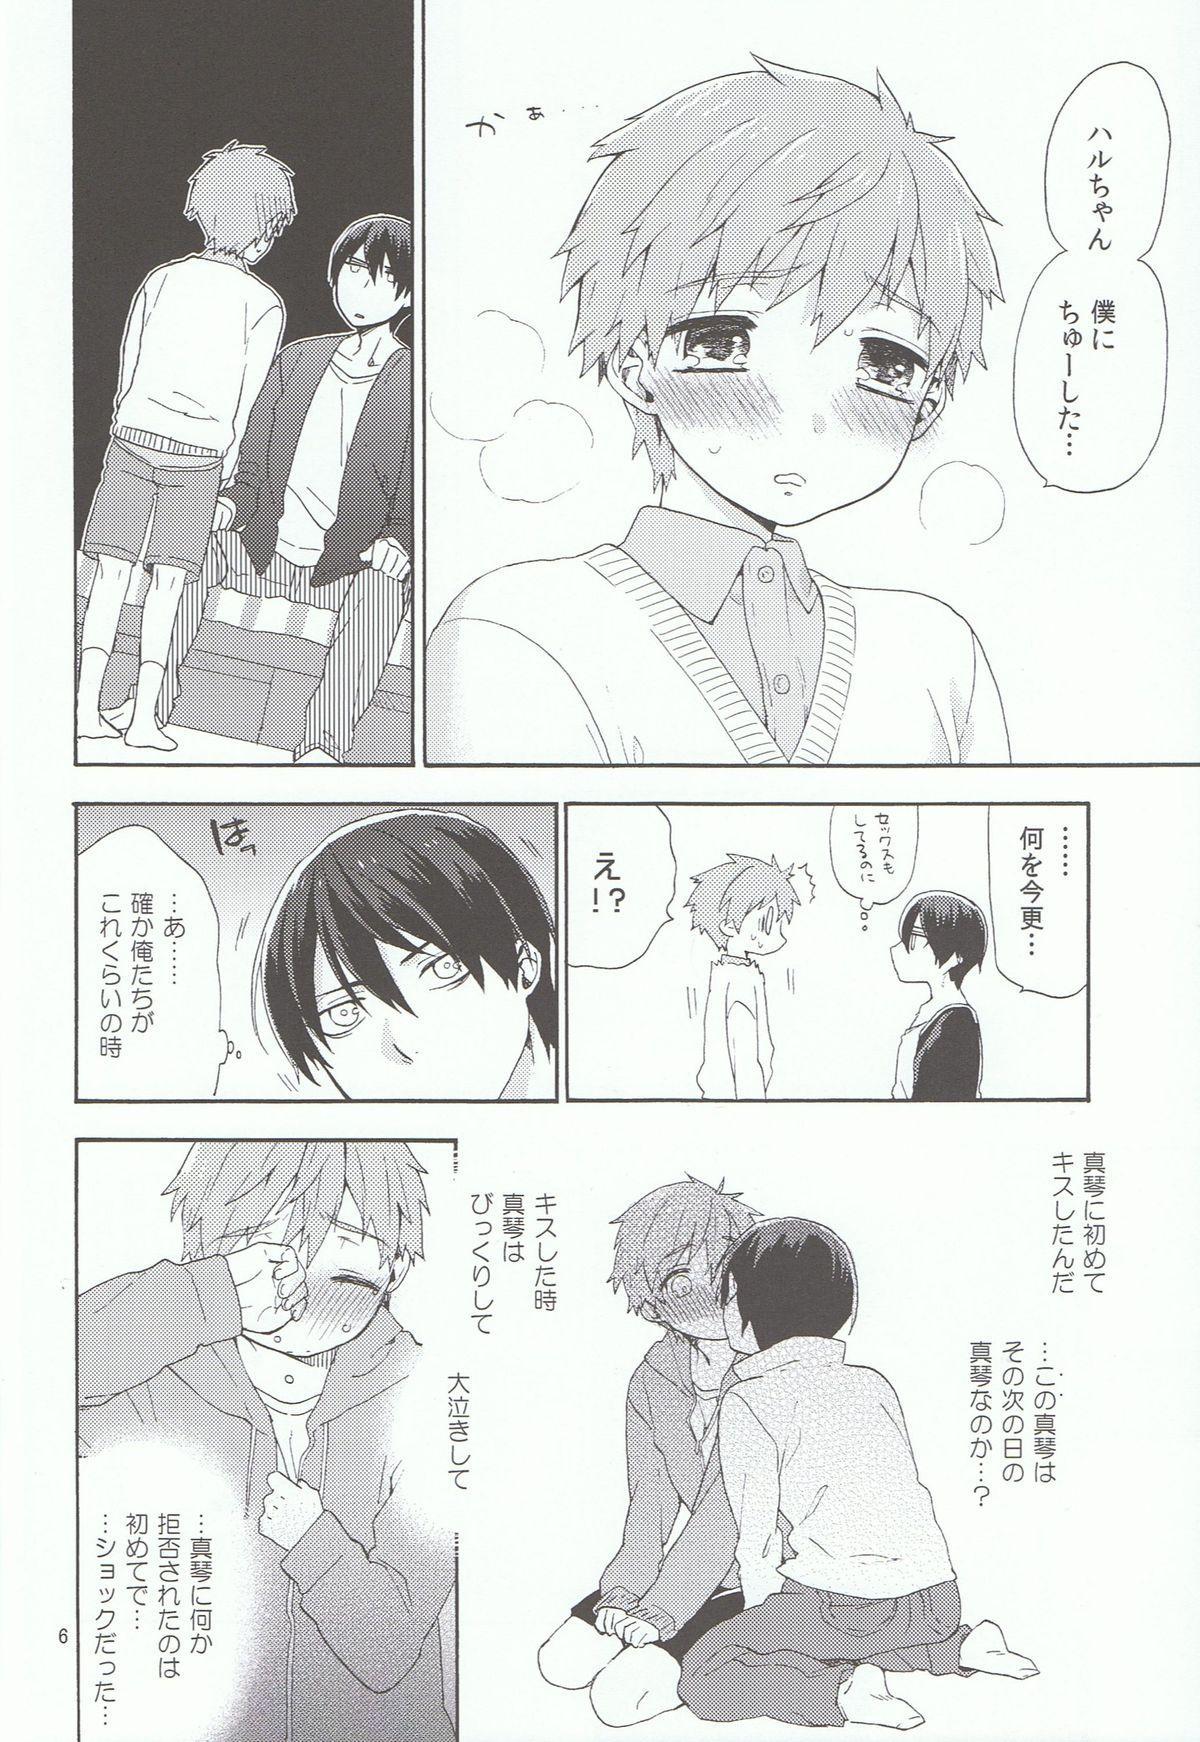 Chiisai Boku wa Suki Desu ka 4